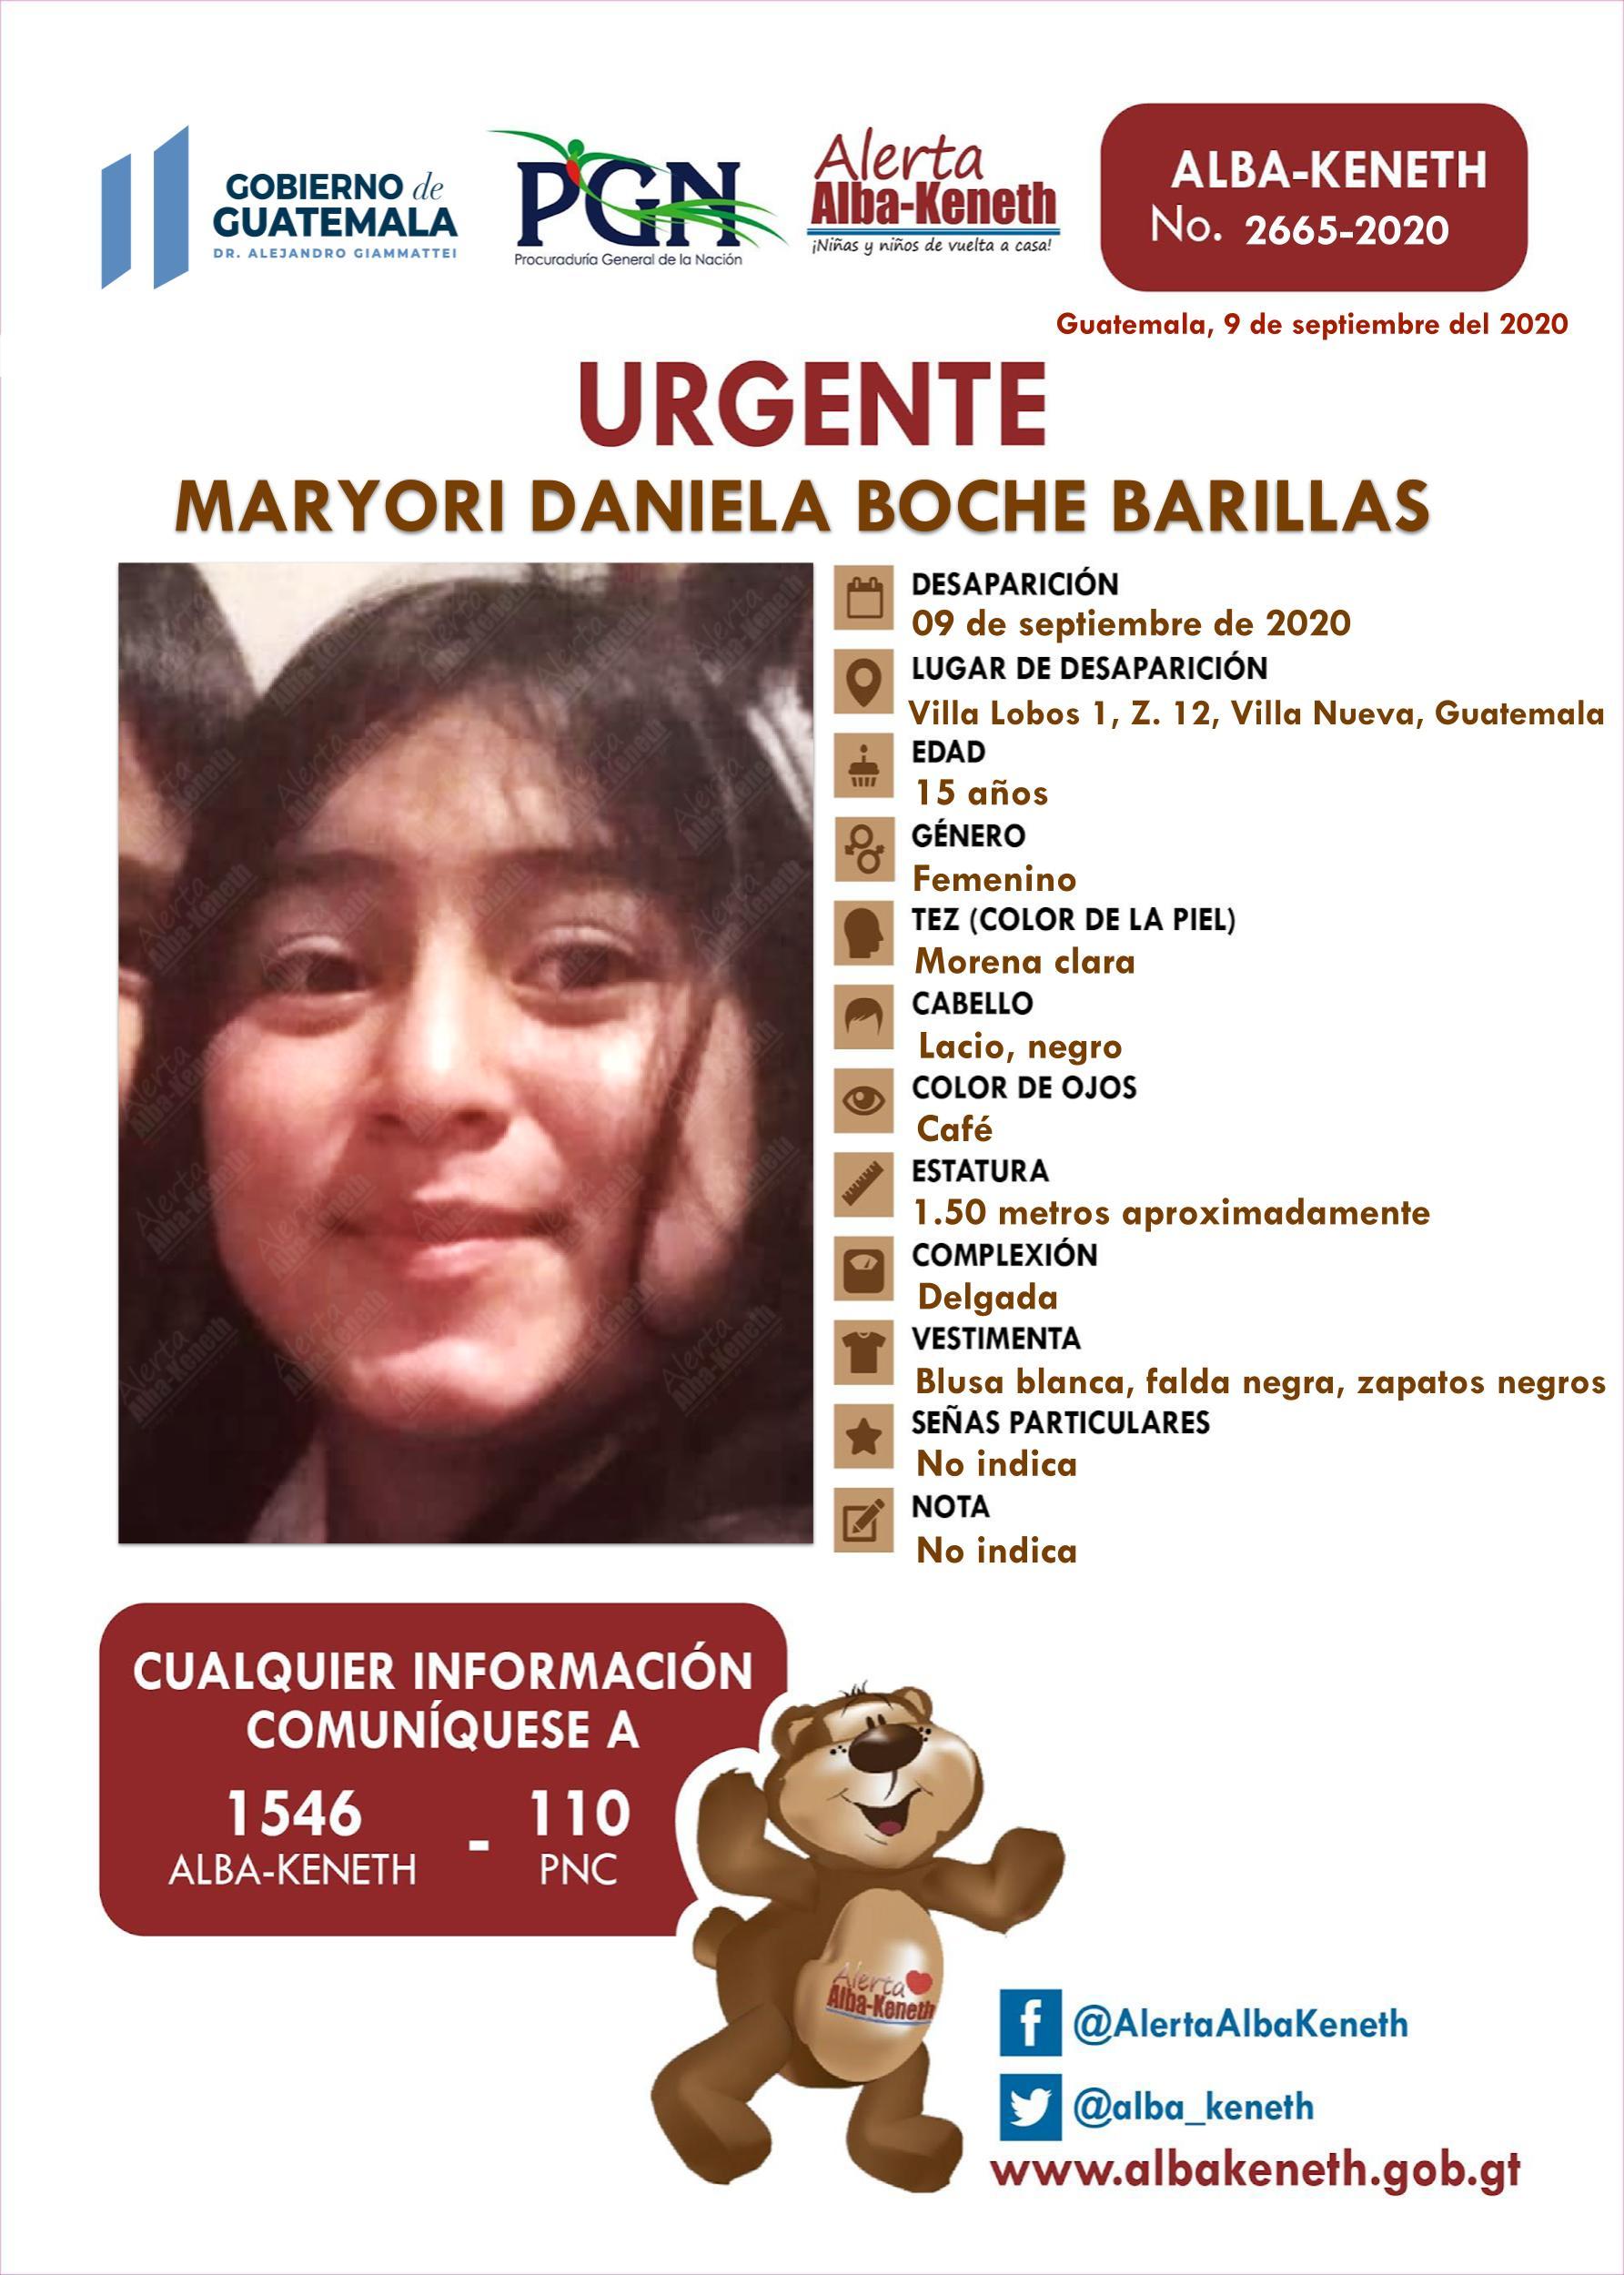 Maryori Daniela Boche Barillas